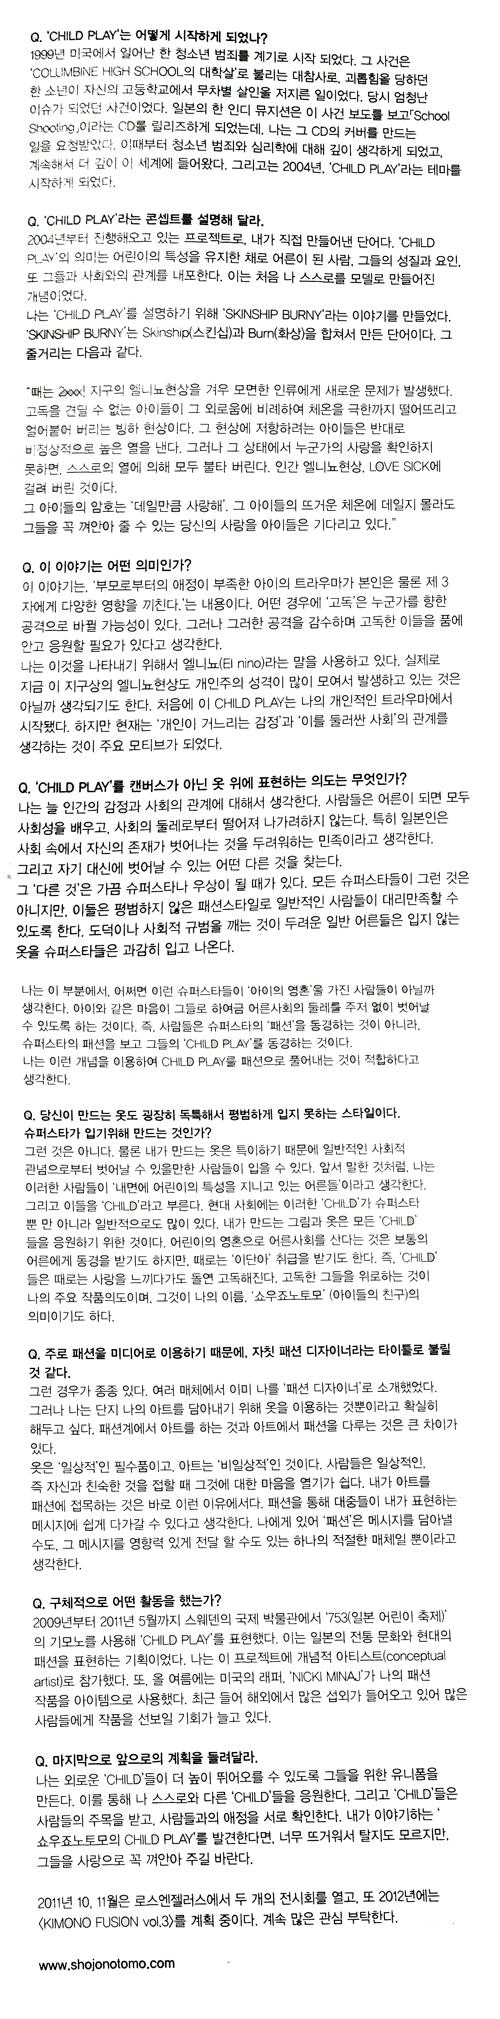 ブログ韓国語でインタビューされた記事A4